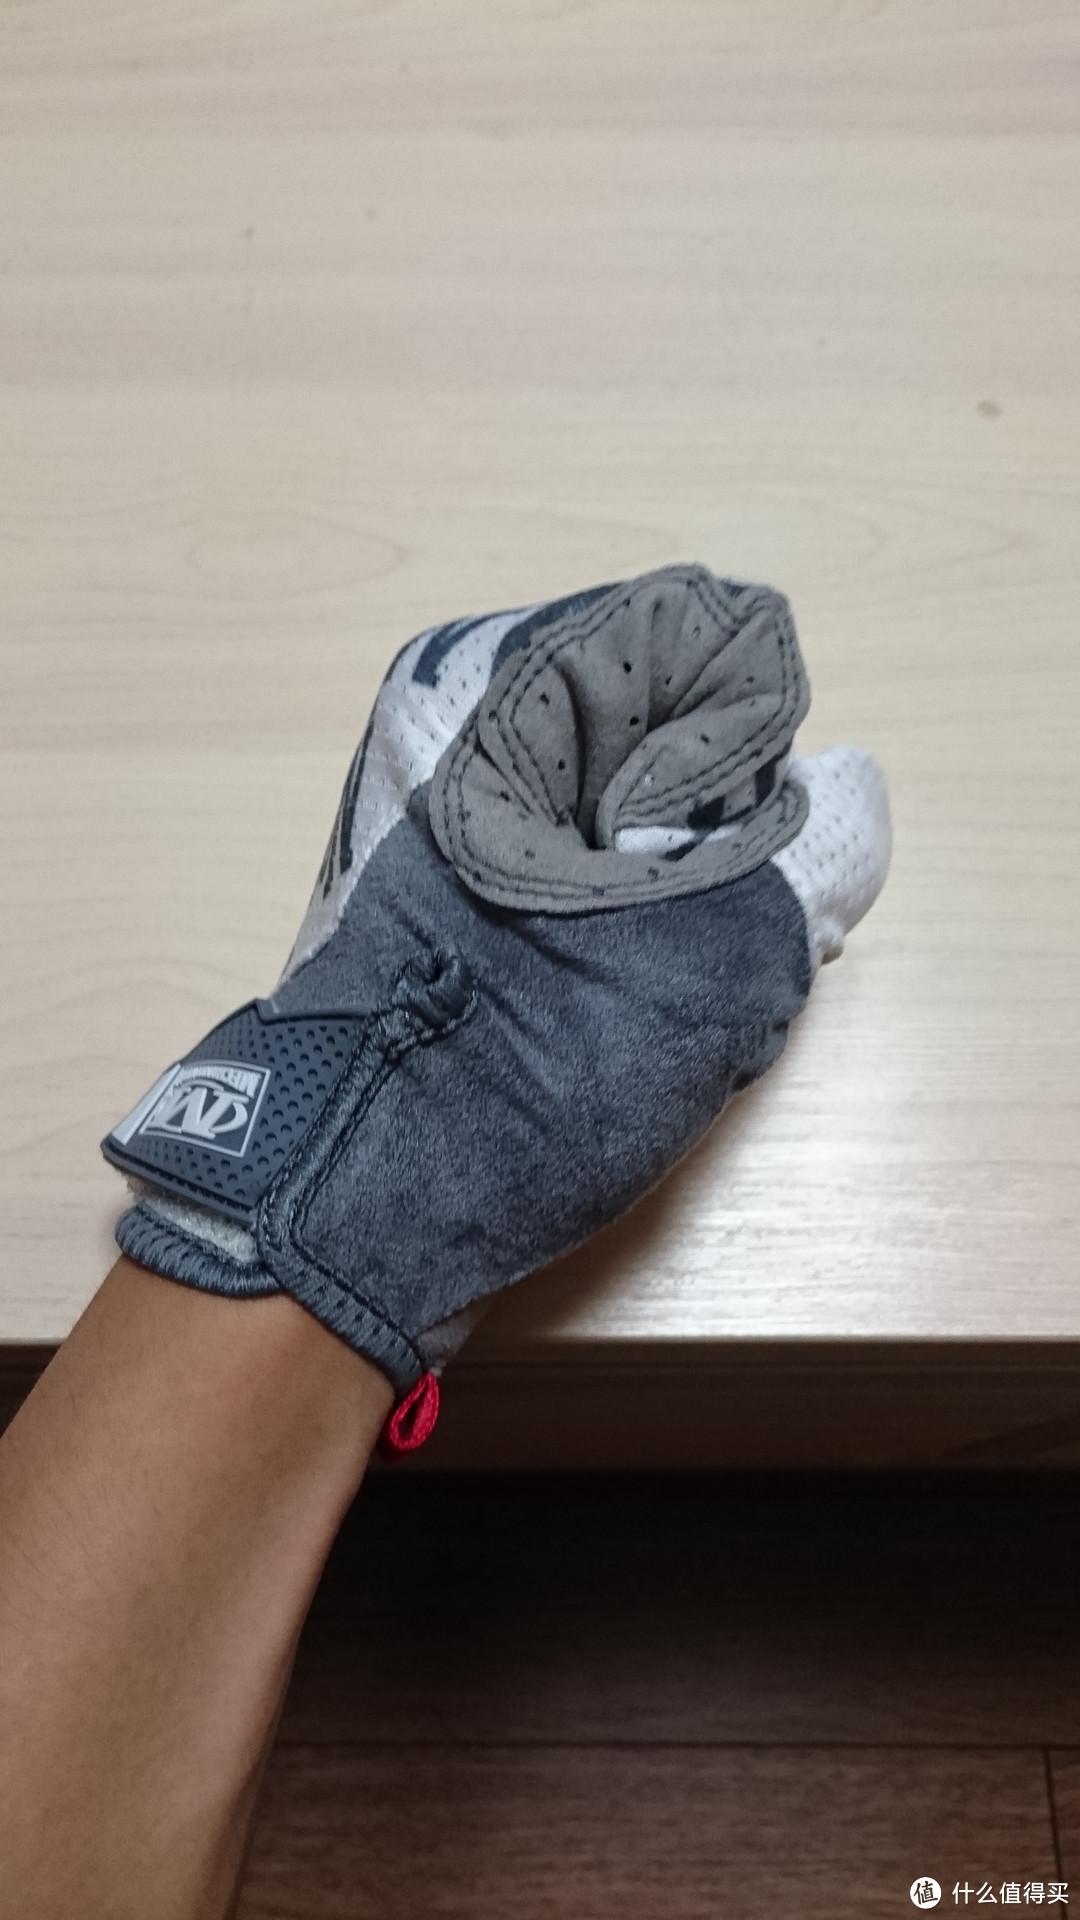 力战高温黑内饰:Mechanix WEAR超级技师 专业透气款 Specialty Vent 闷热环境专用手套